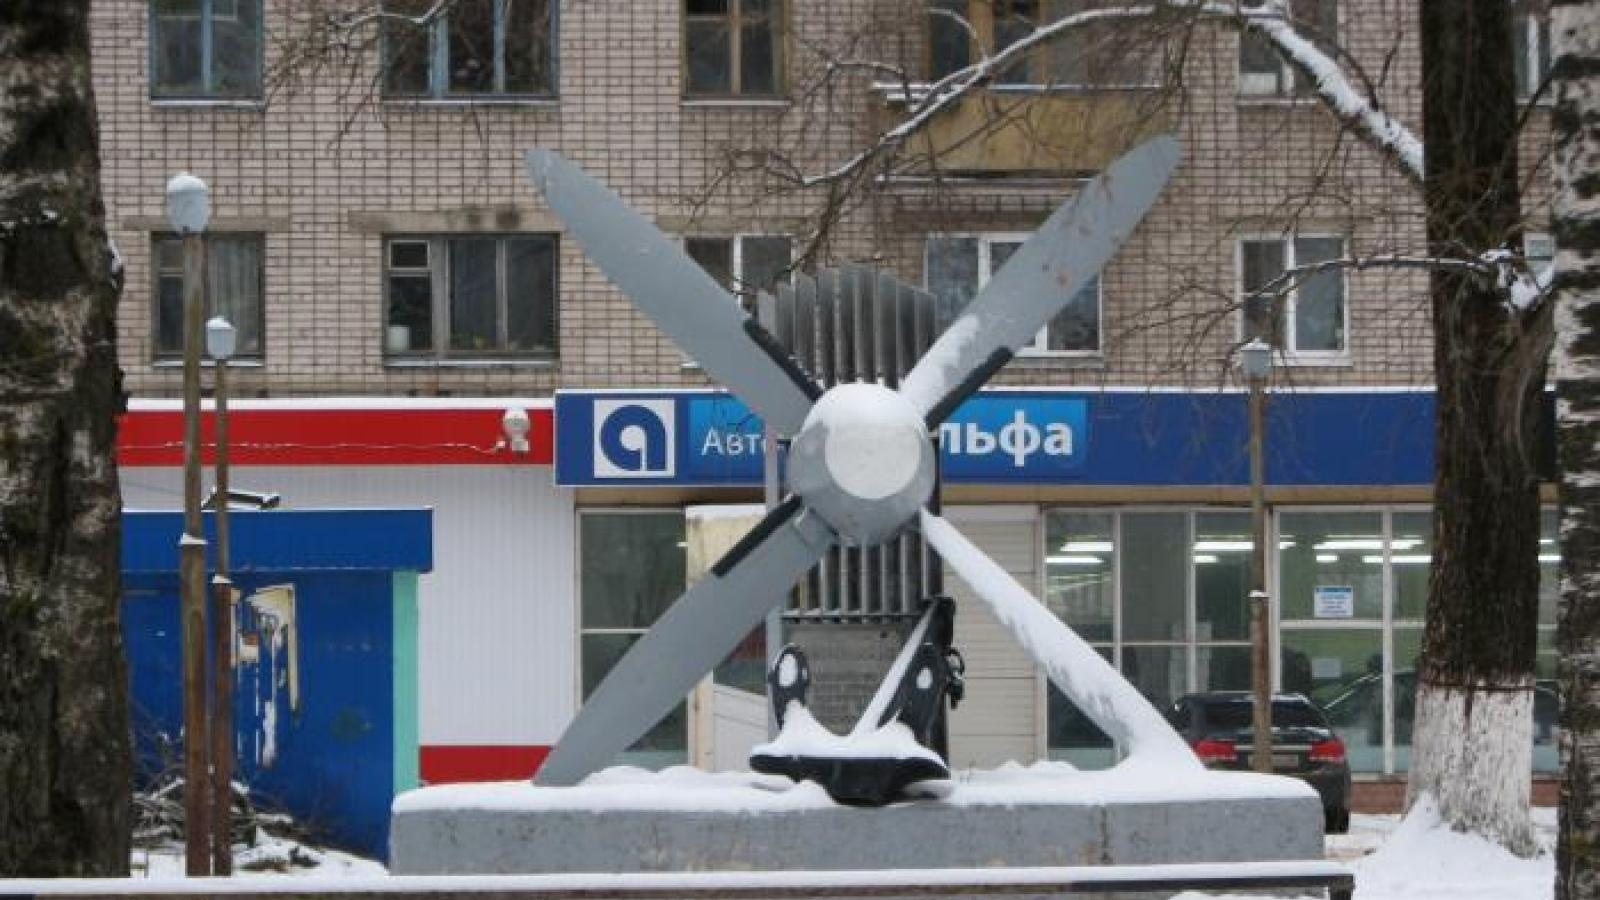 У «Пропеллера» в Вологде может появиться детская площадка